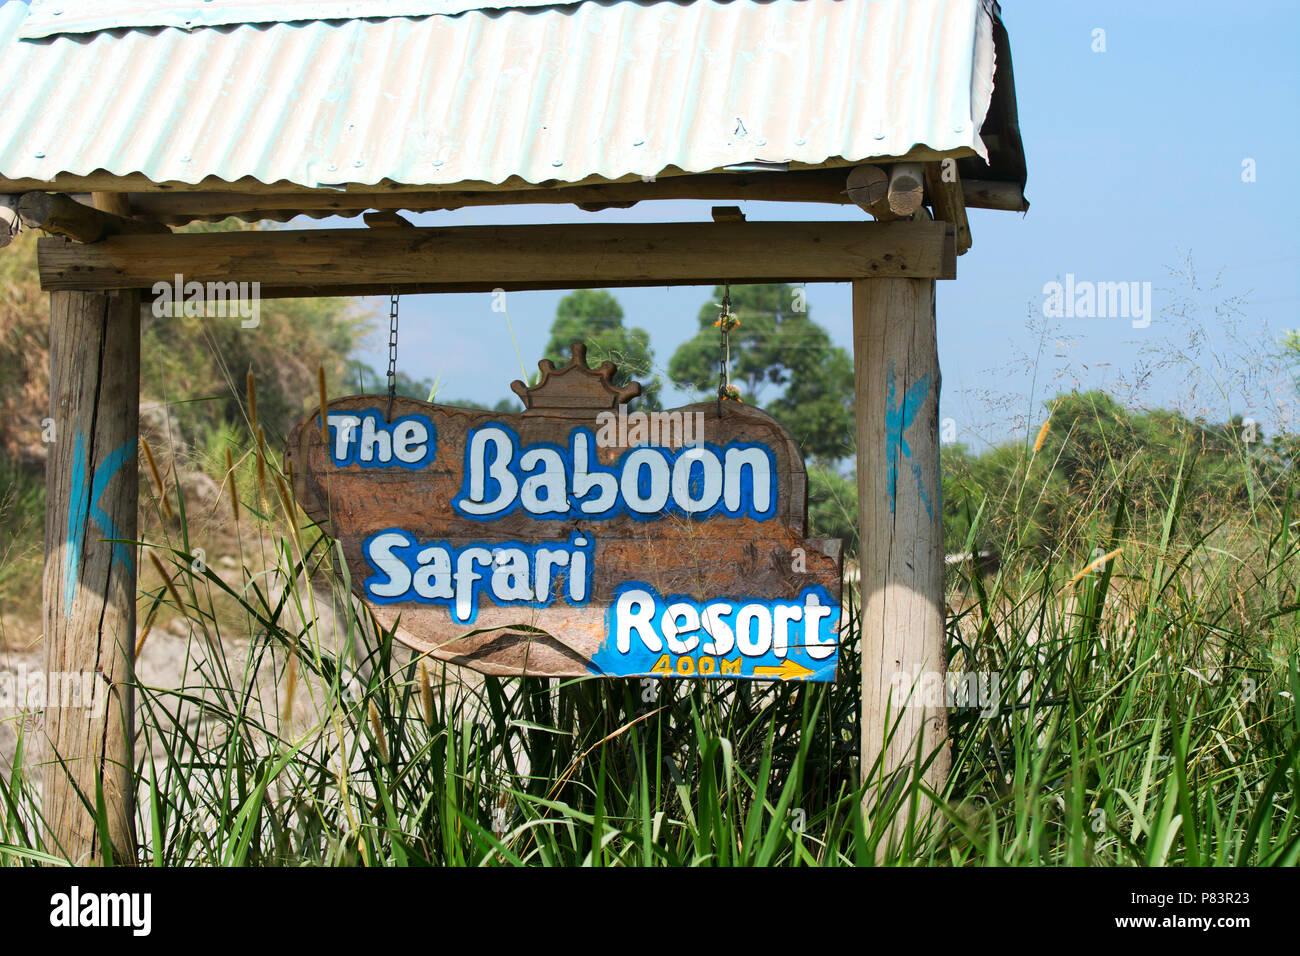 Safari Lodge, Resort, Sign for the Baboon Safari Resort, Queen Elizabeth National Park, Uganda - Stock Image